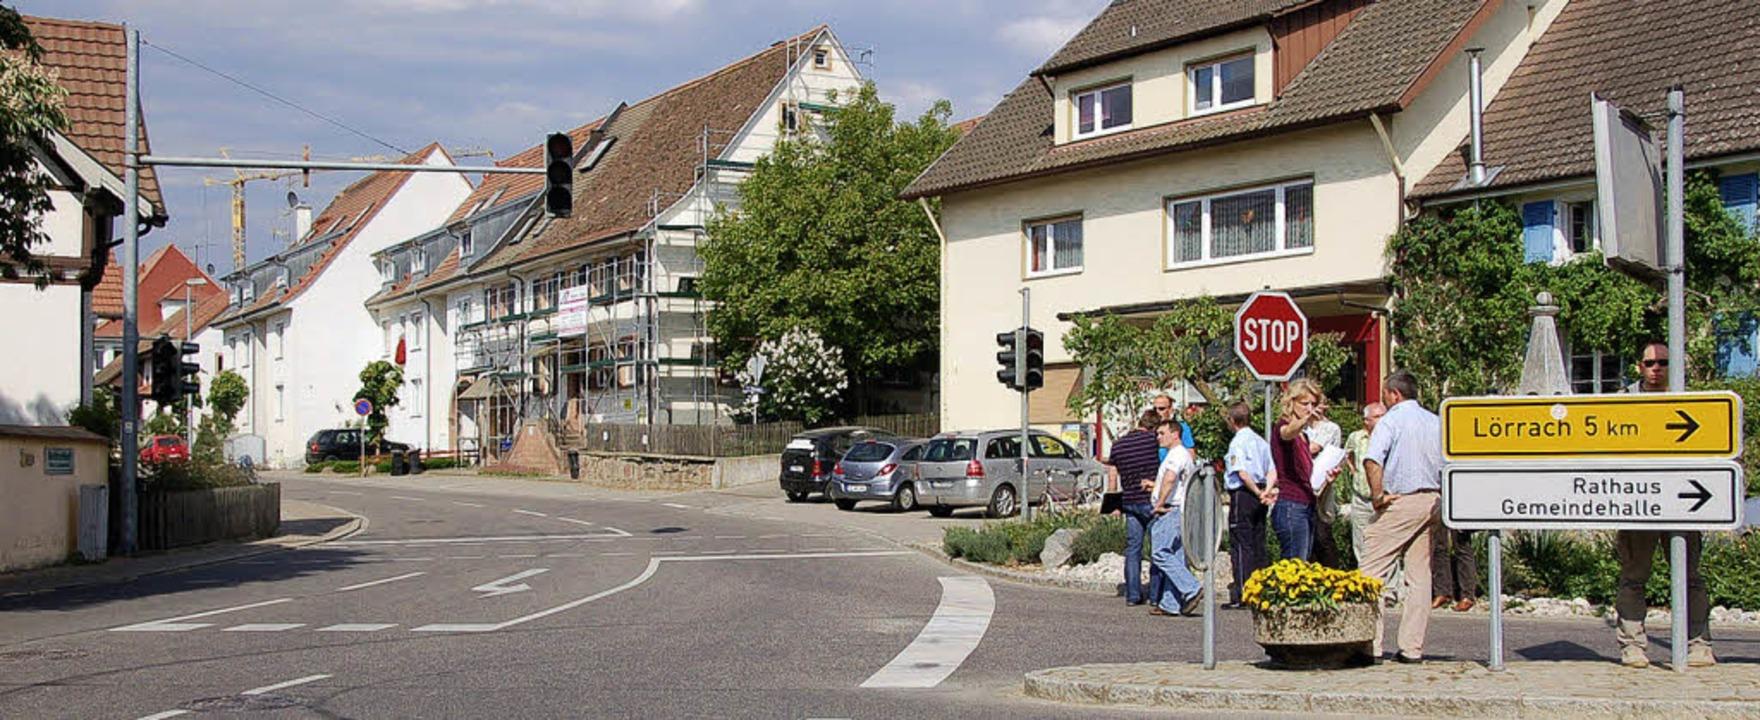 Soll sicherer werden: Die Kreuzung in der Rümminger Ortsmitte.   | Foto: Markus Maier